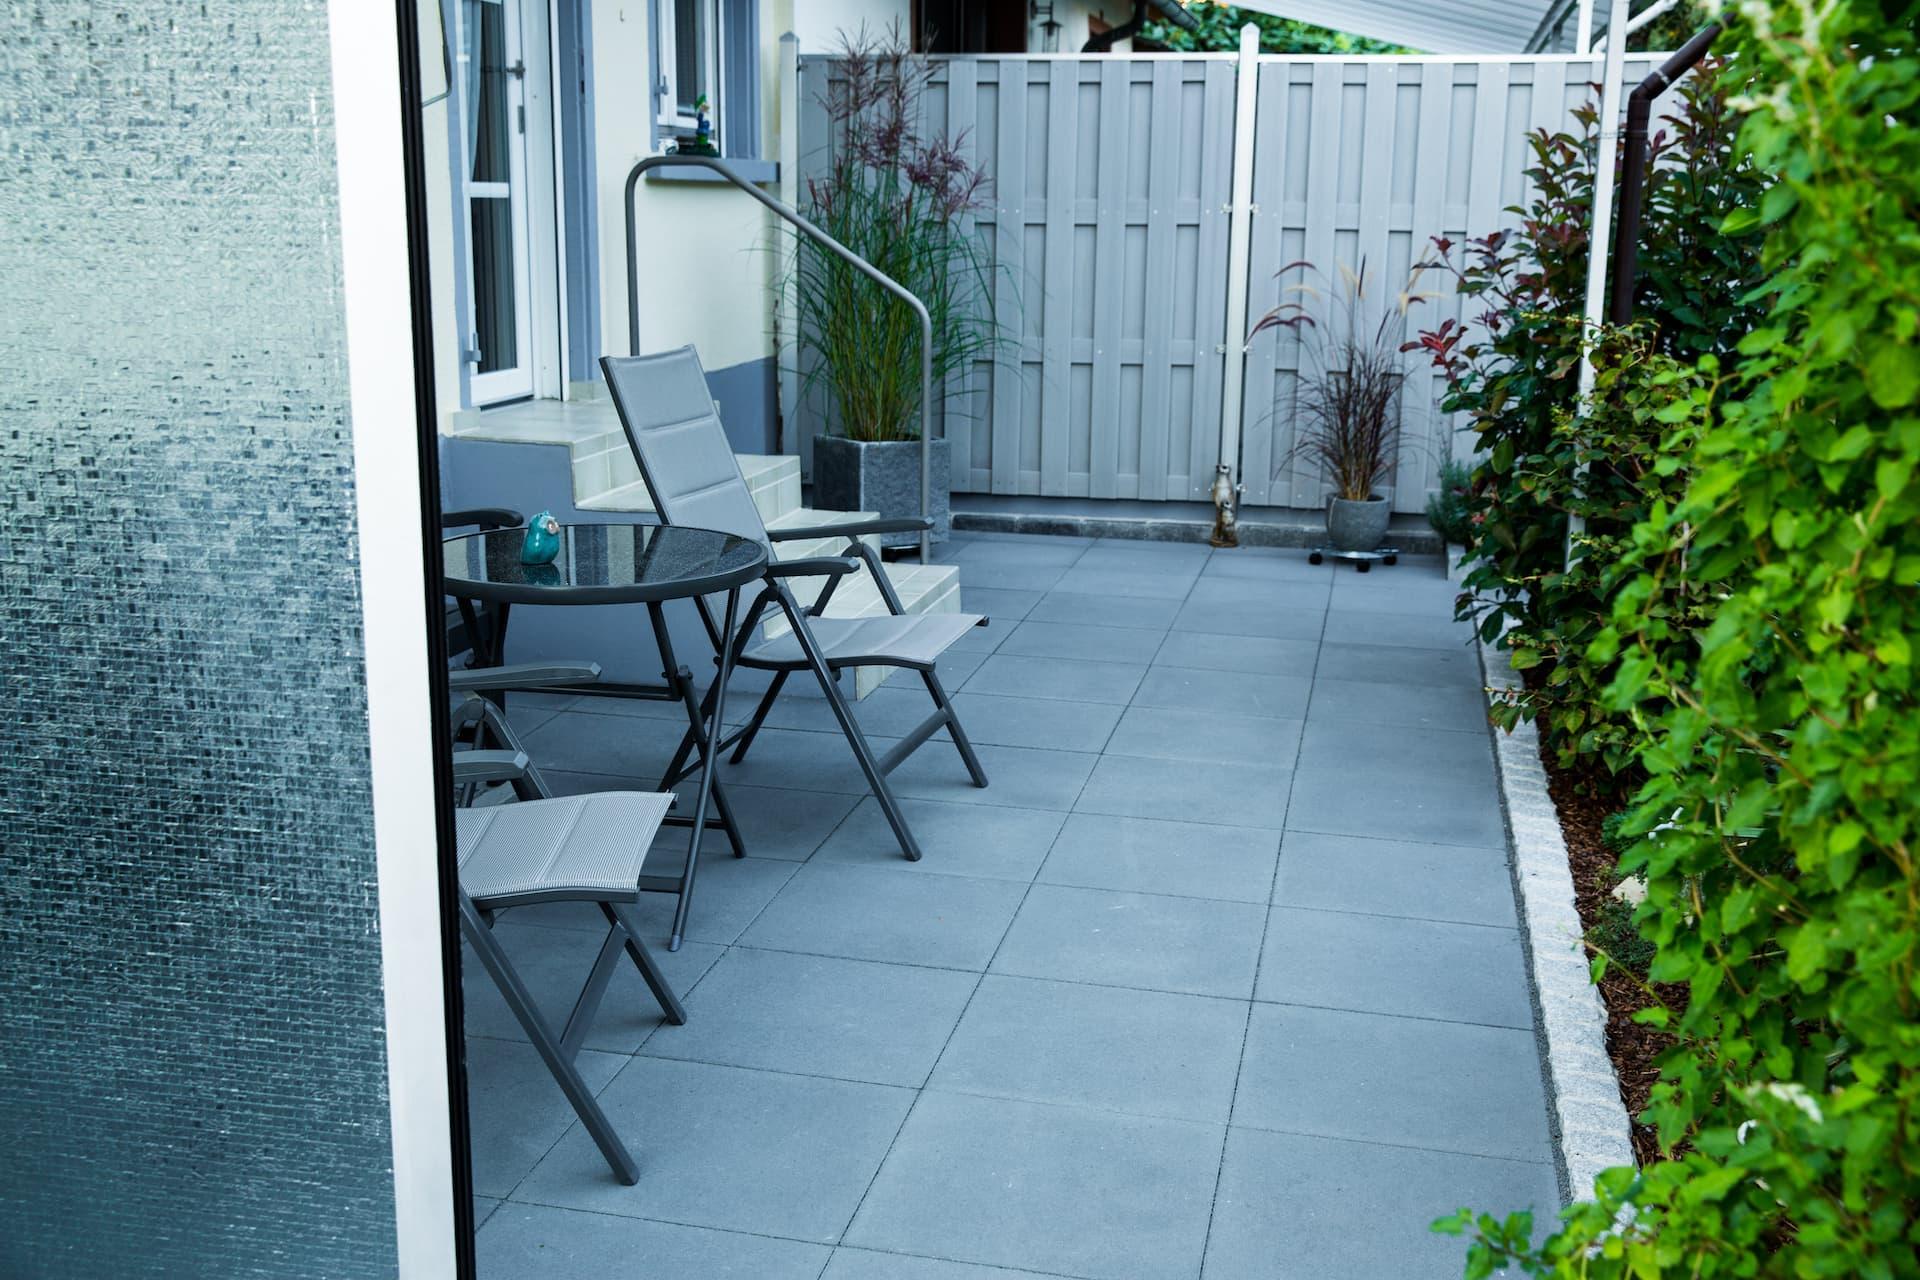 Terrasse mit Betonplatten 50x50x8 cm von Birkenmeier, La Senza Carbon